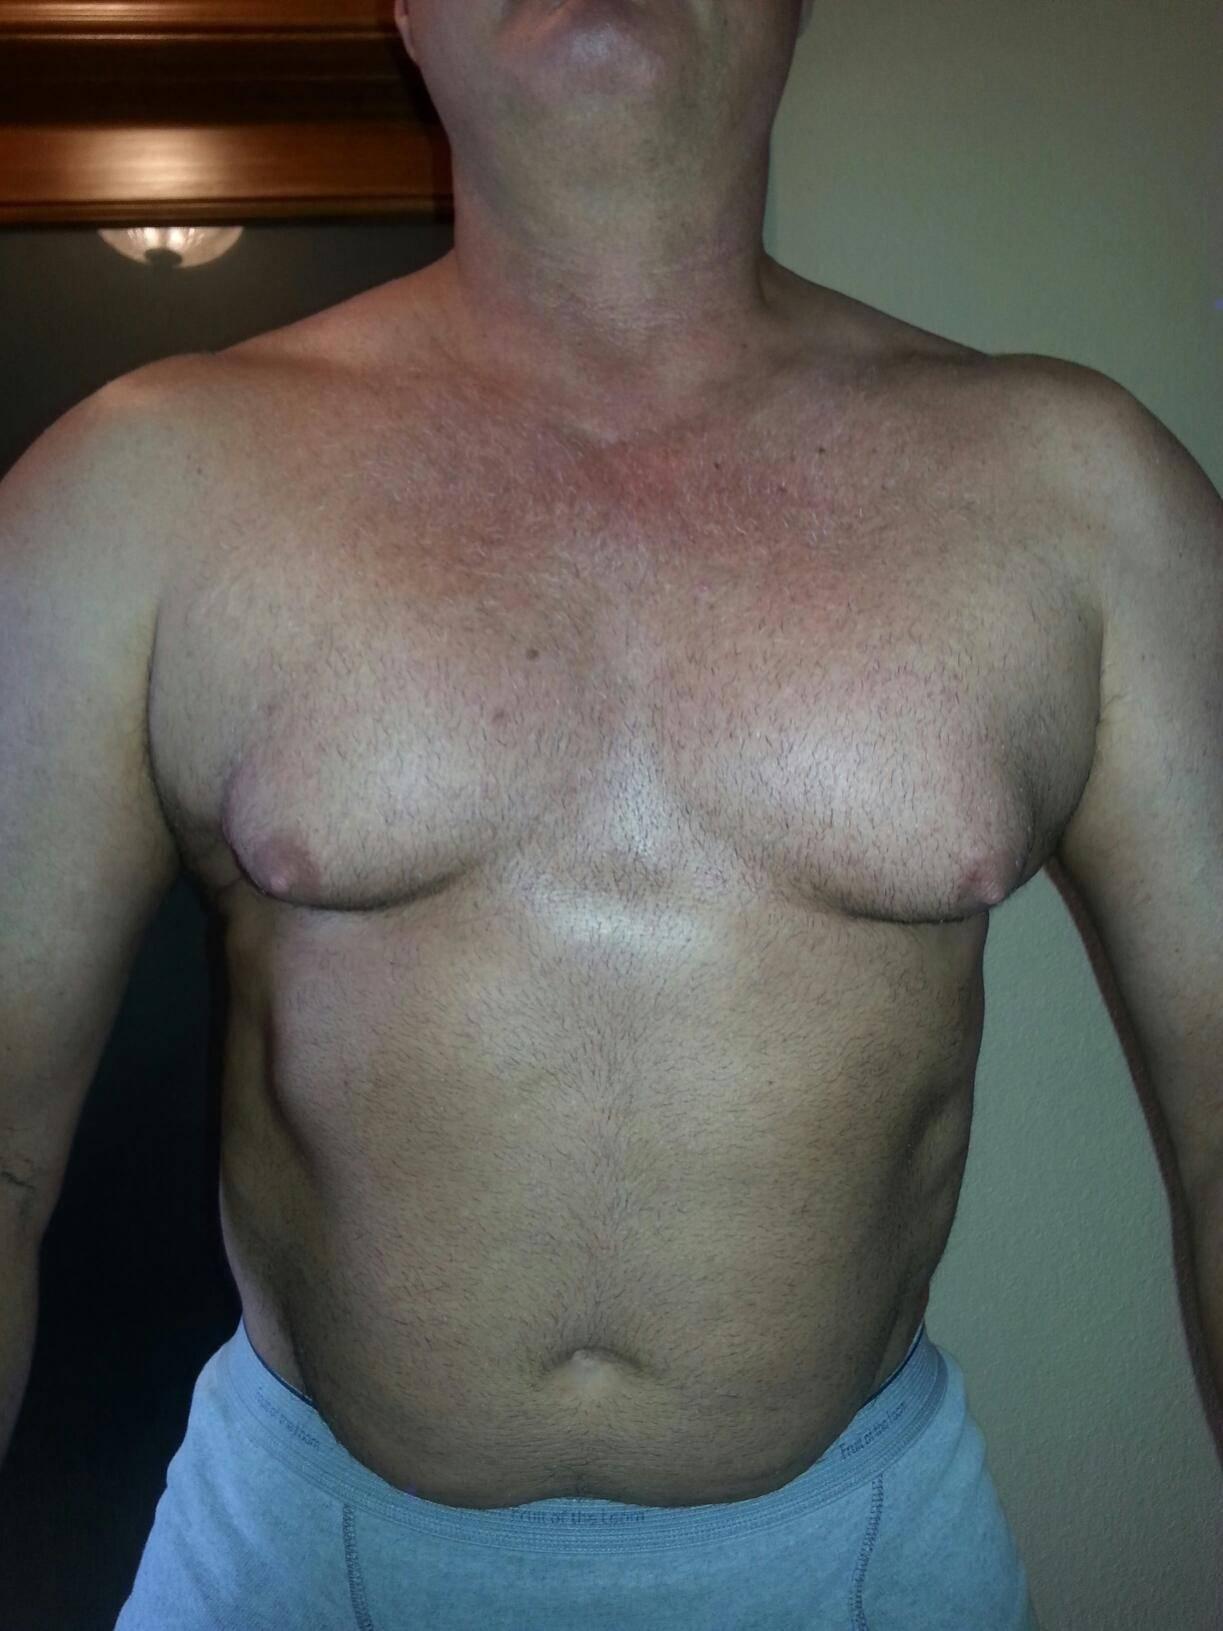 Симптомы мастопатии у мужчин. мастопатия: лечение народными средствами в домашних условиях.